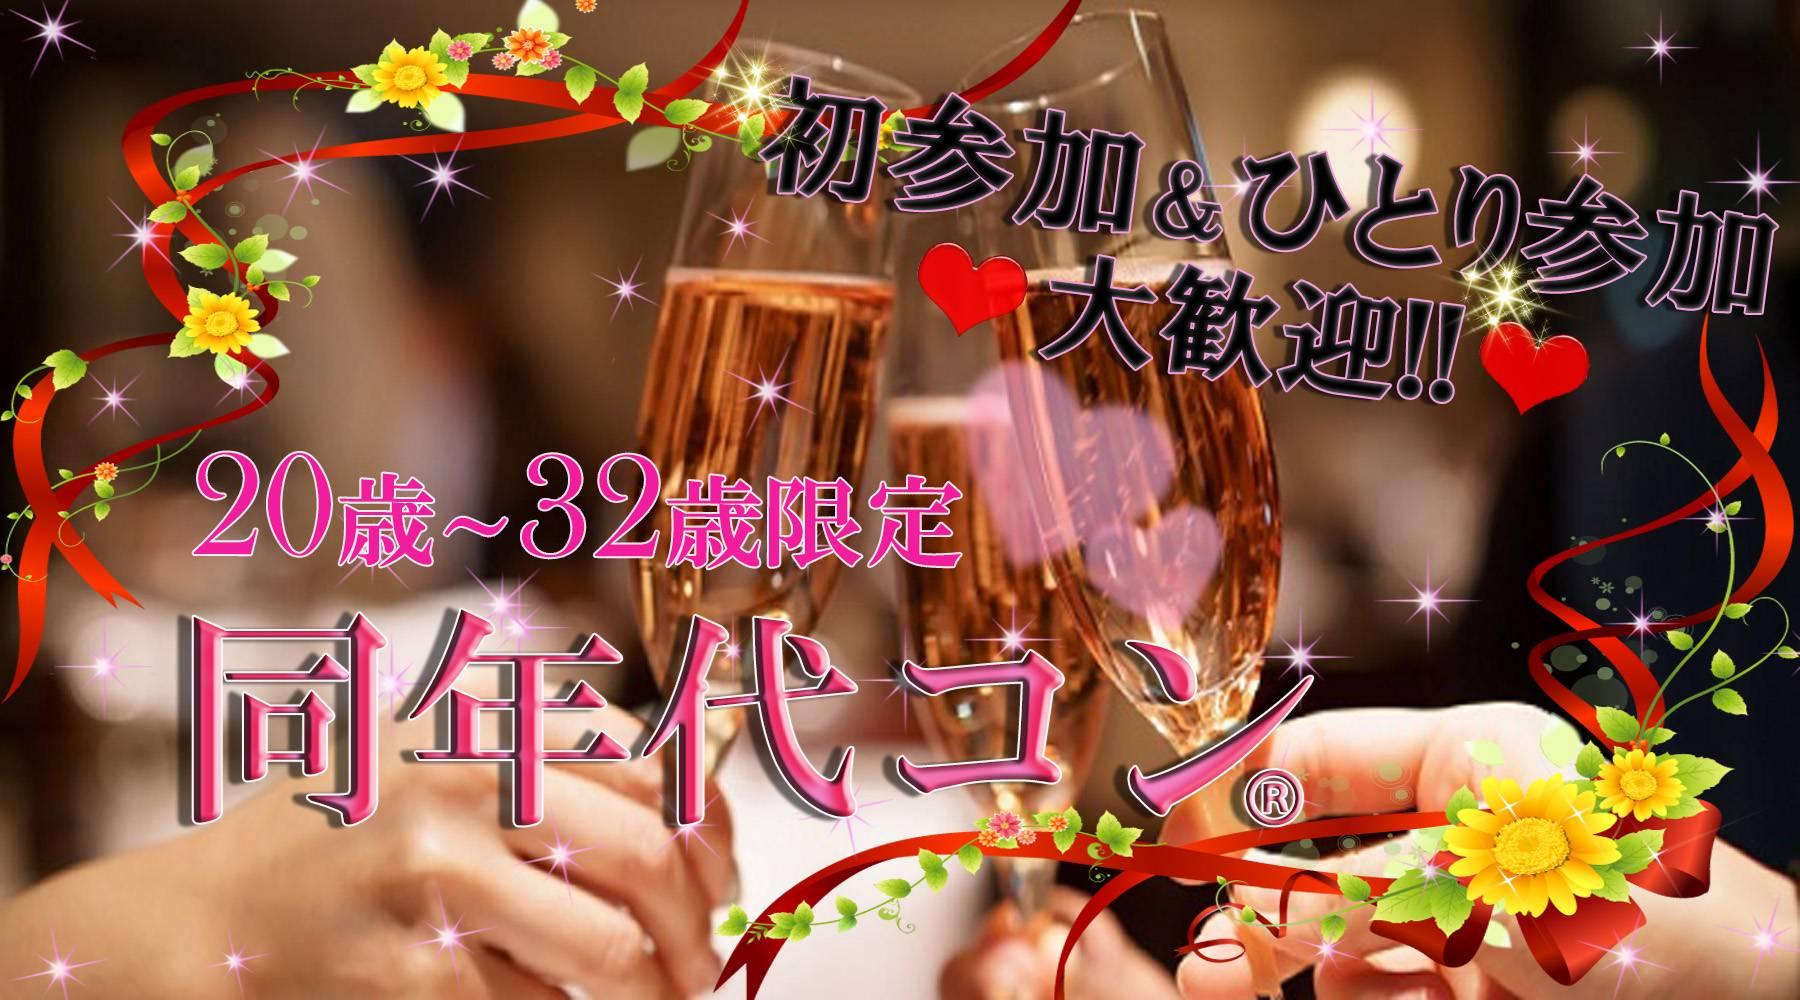 6/2同世代★20-32歳限定!プチ街コン(R)in富山